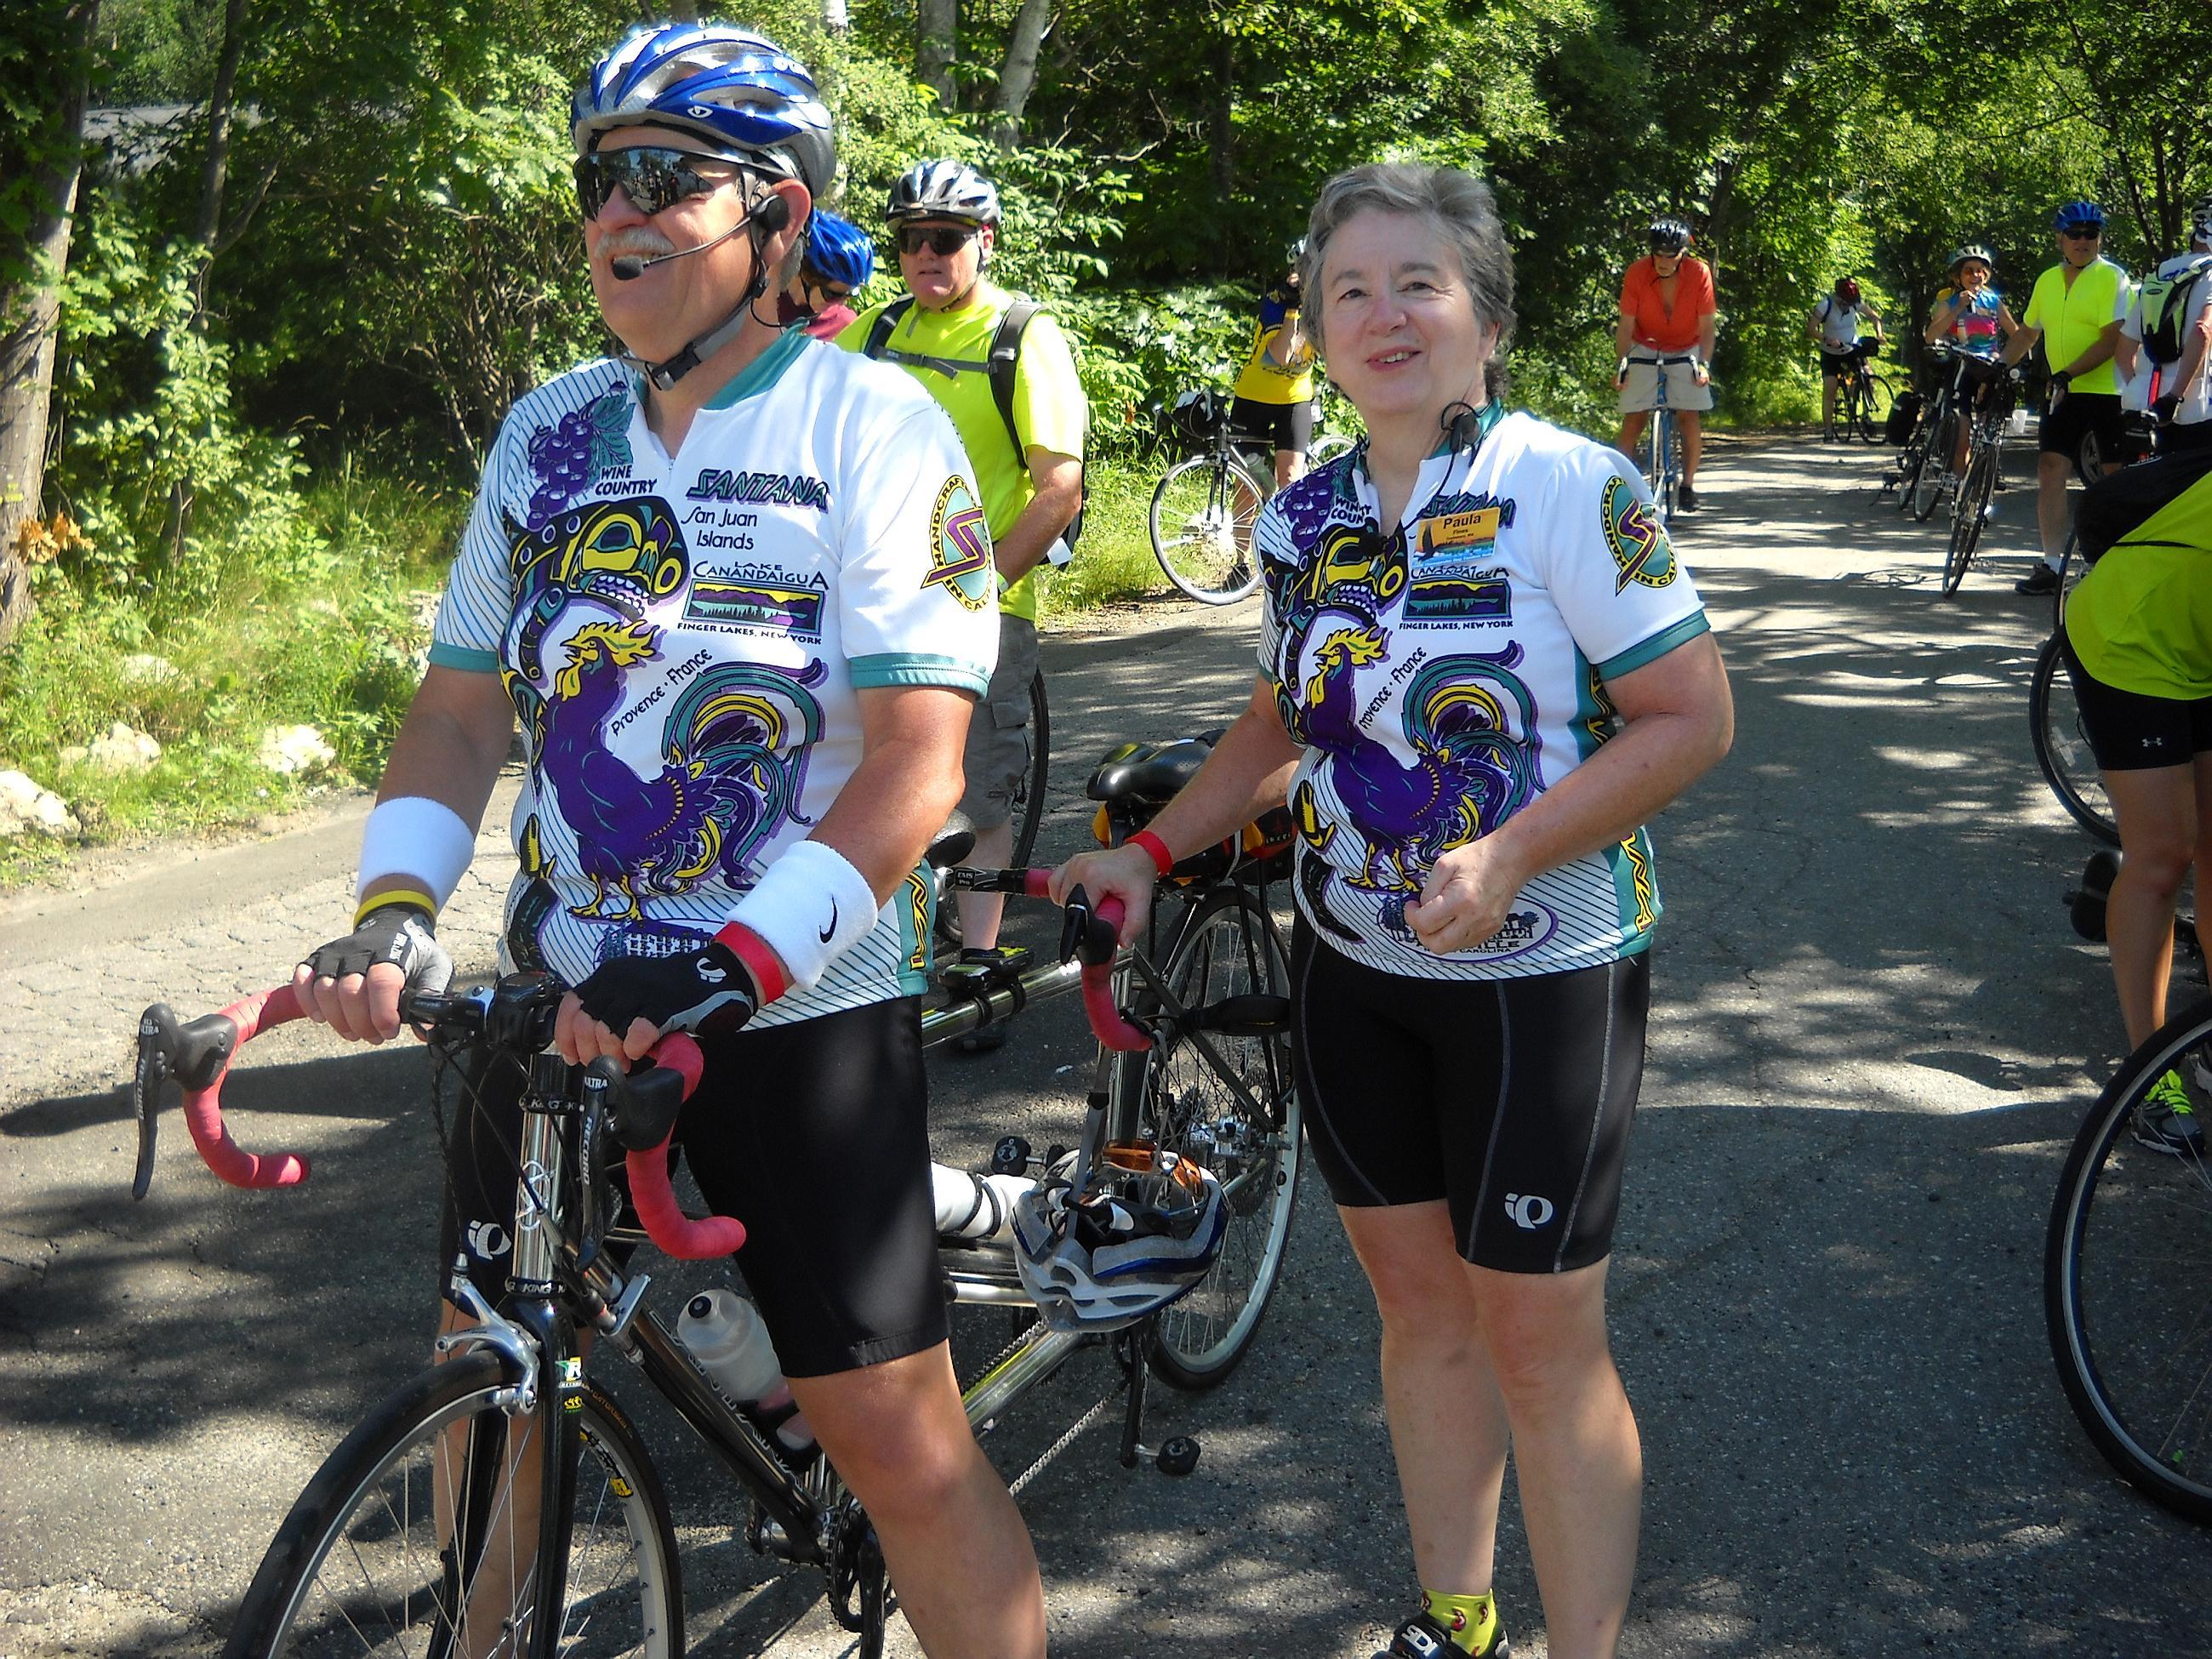 tn2011-bike-rally-144